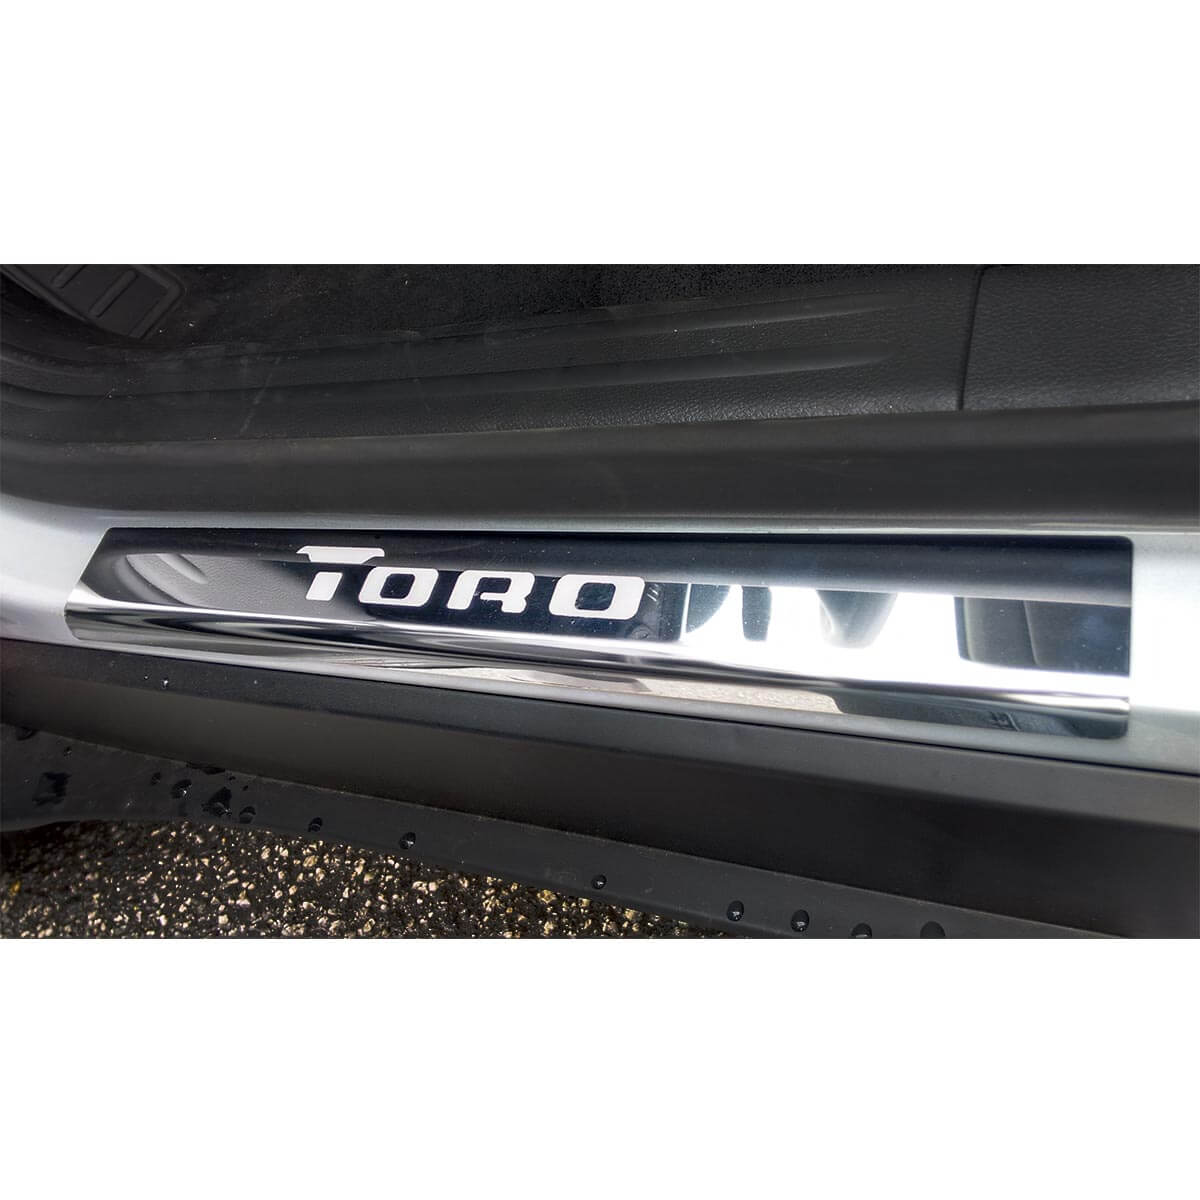 Protetor de soleira aço inox Fiat Toro 2017 2018